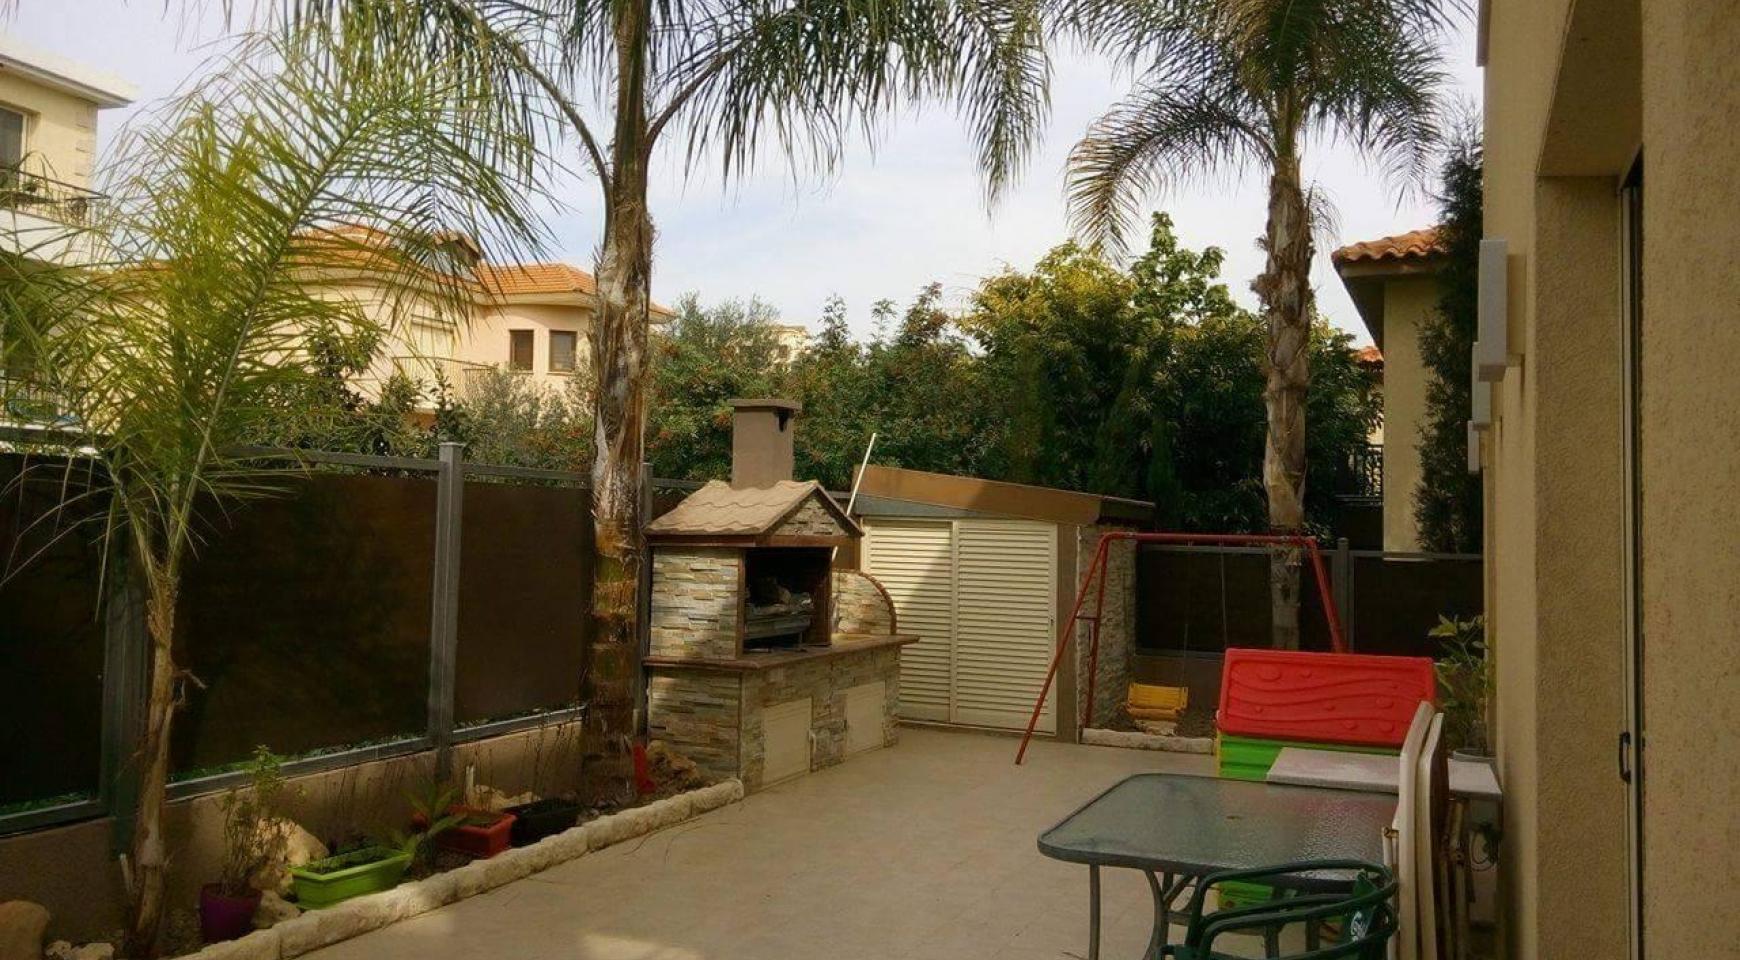 4 Bedroom House in Agios Athanasios Area - 8